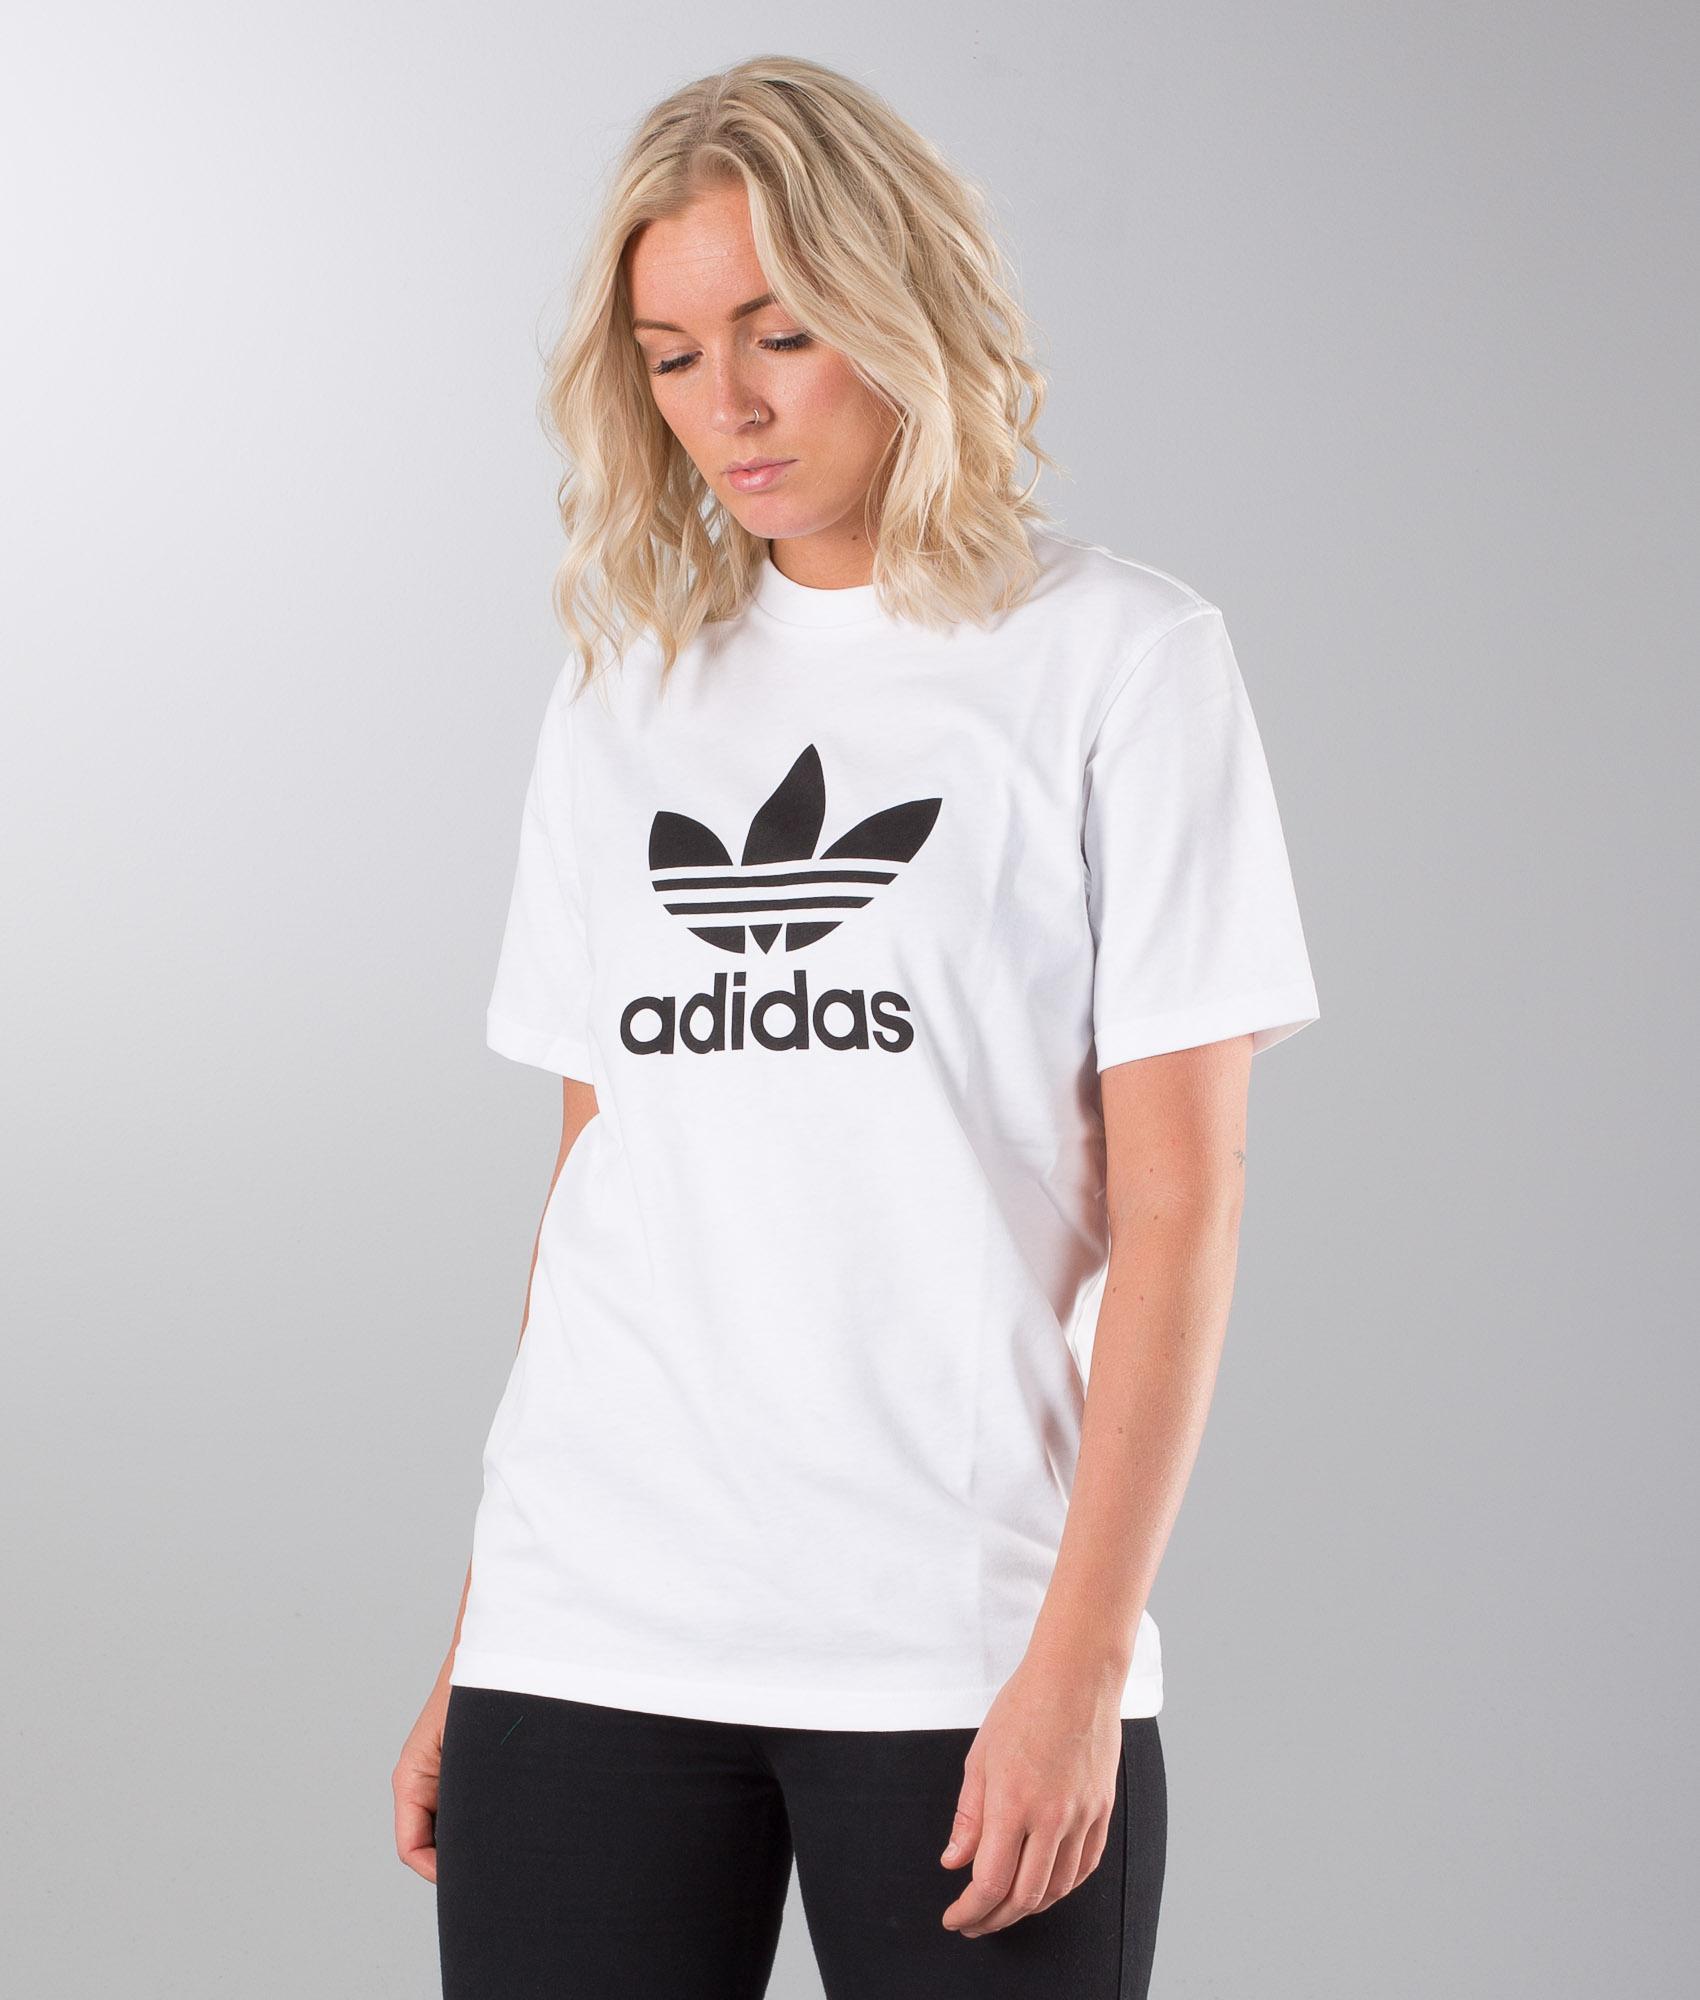 Adidas Originals Trefoil Unisex T shirt White